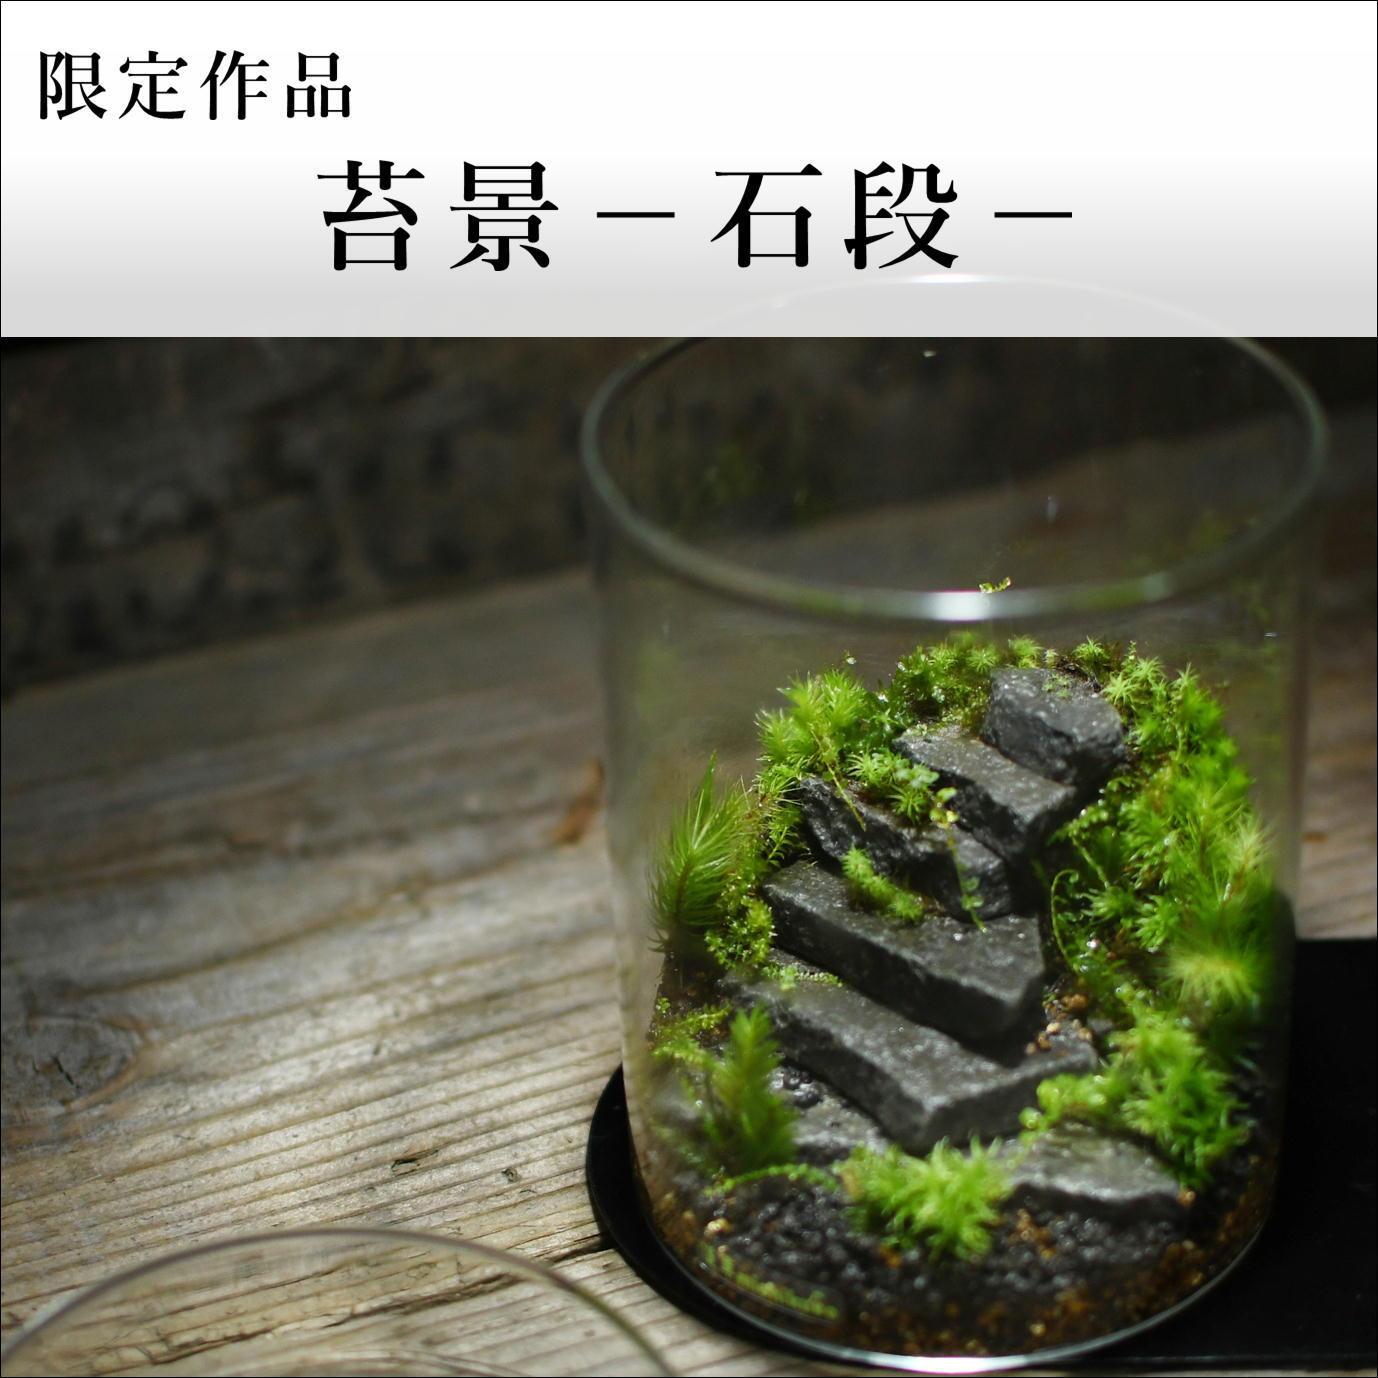 苔景−石段−【苔テラリウム・現物限定販売】2021.10.3#3